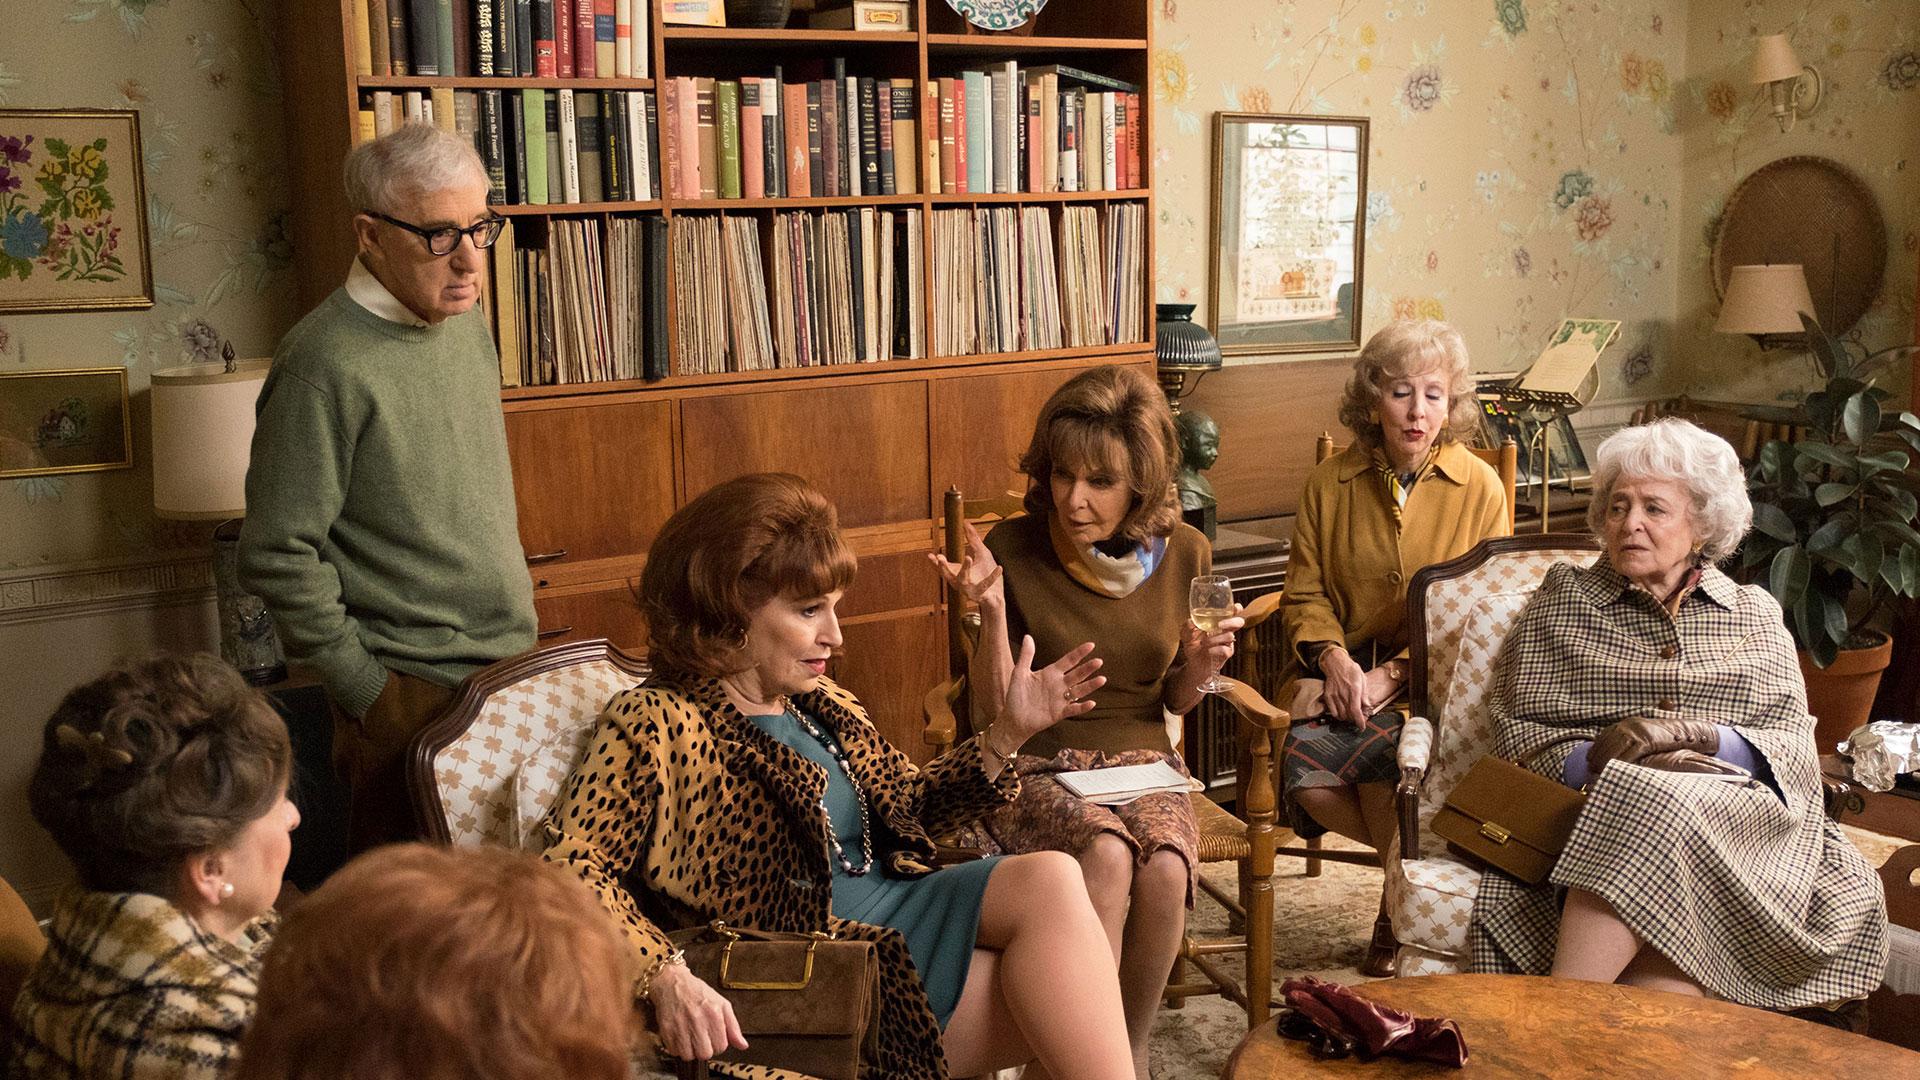 Woody Allen hero asset